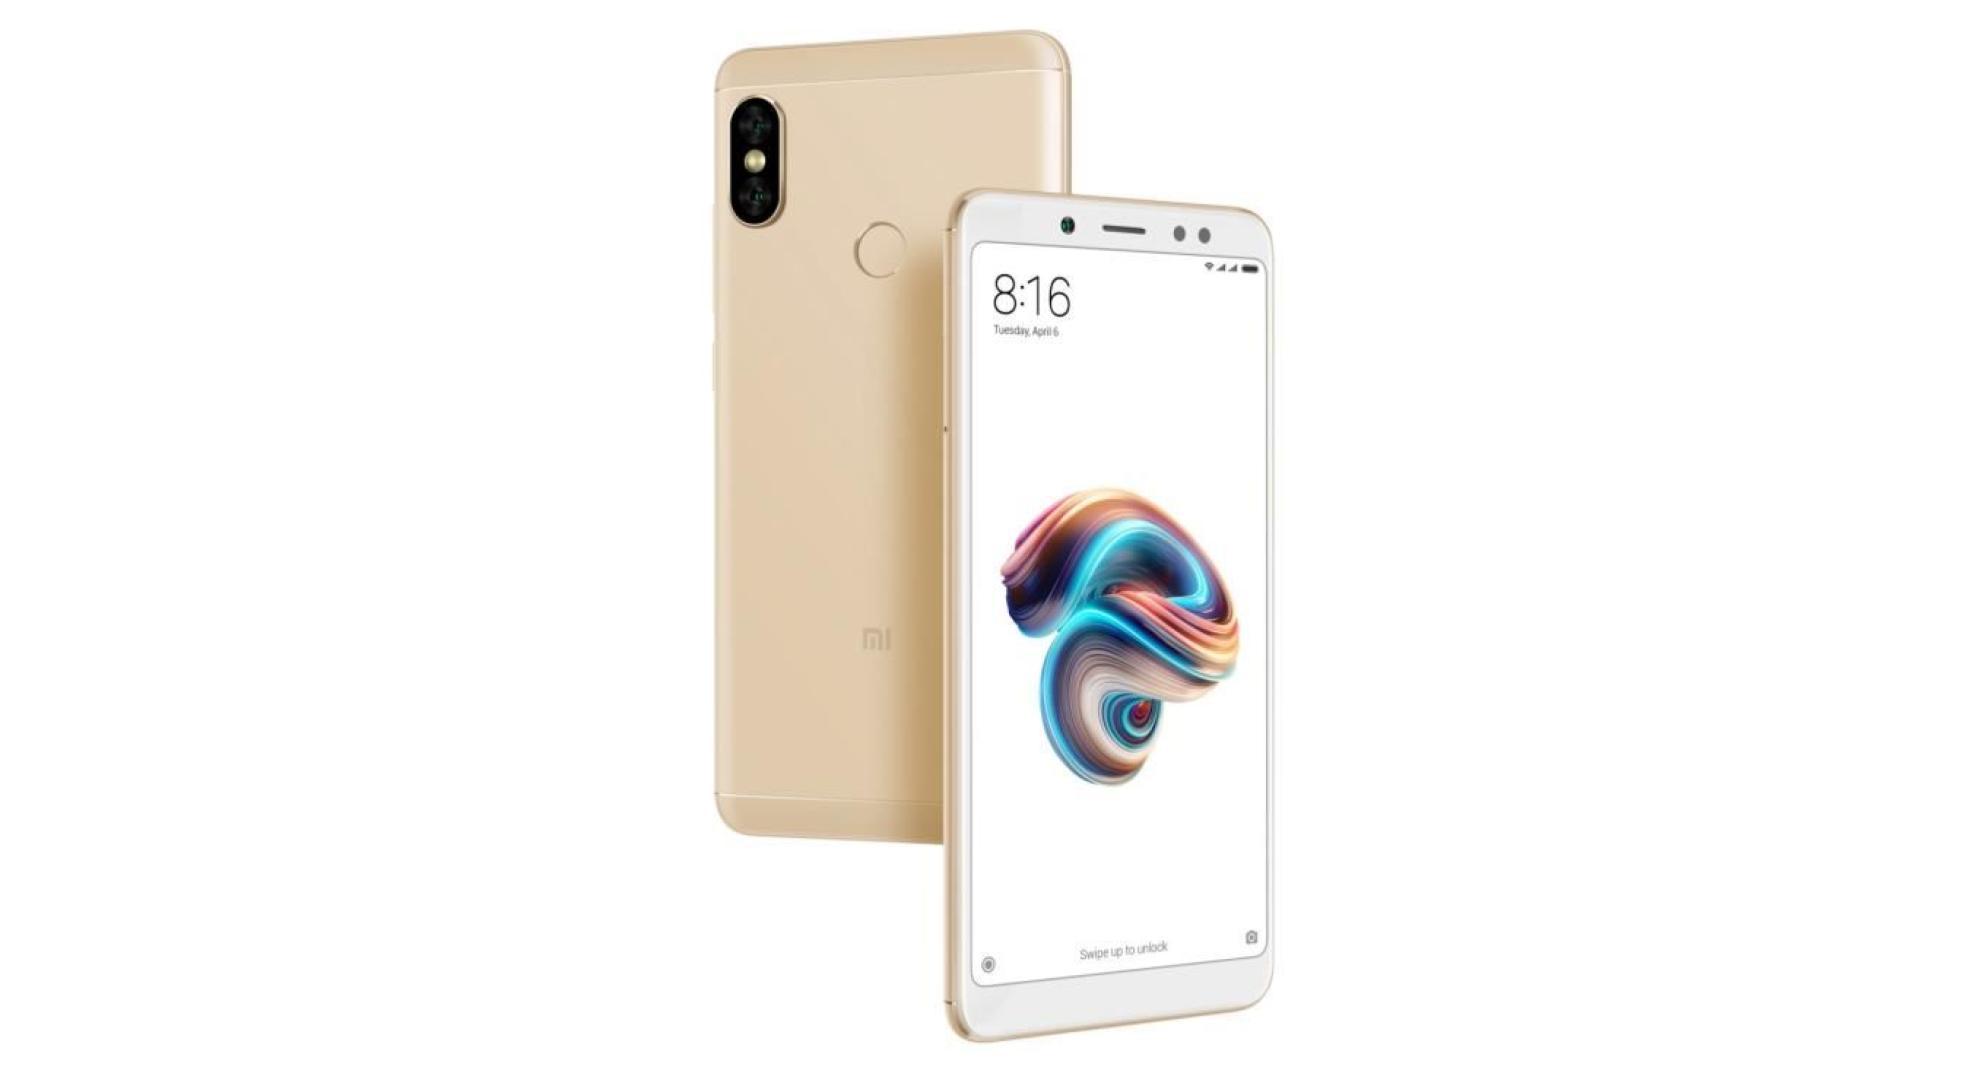 🔥 Bon plan : l'indémodable Xiaomi Redmi Note 5 descend à 99 euros seulement